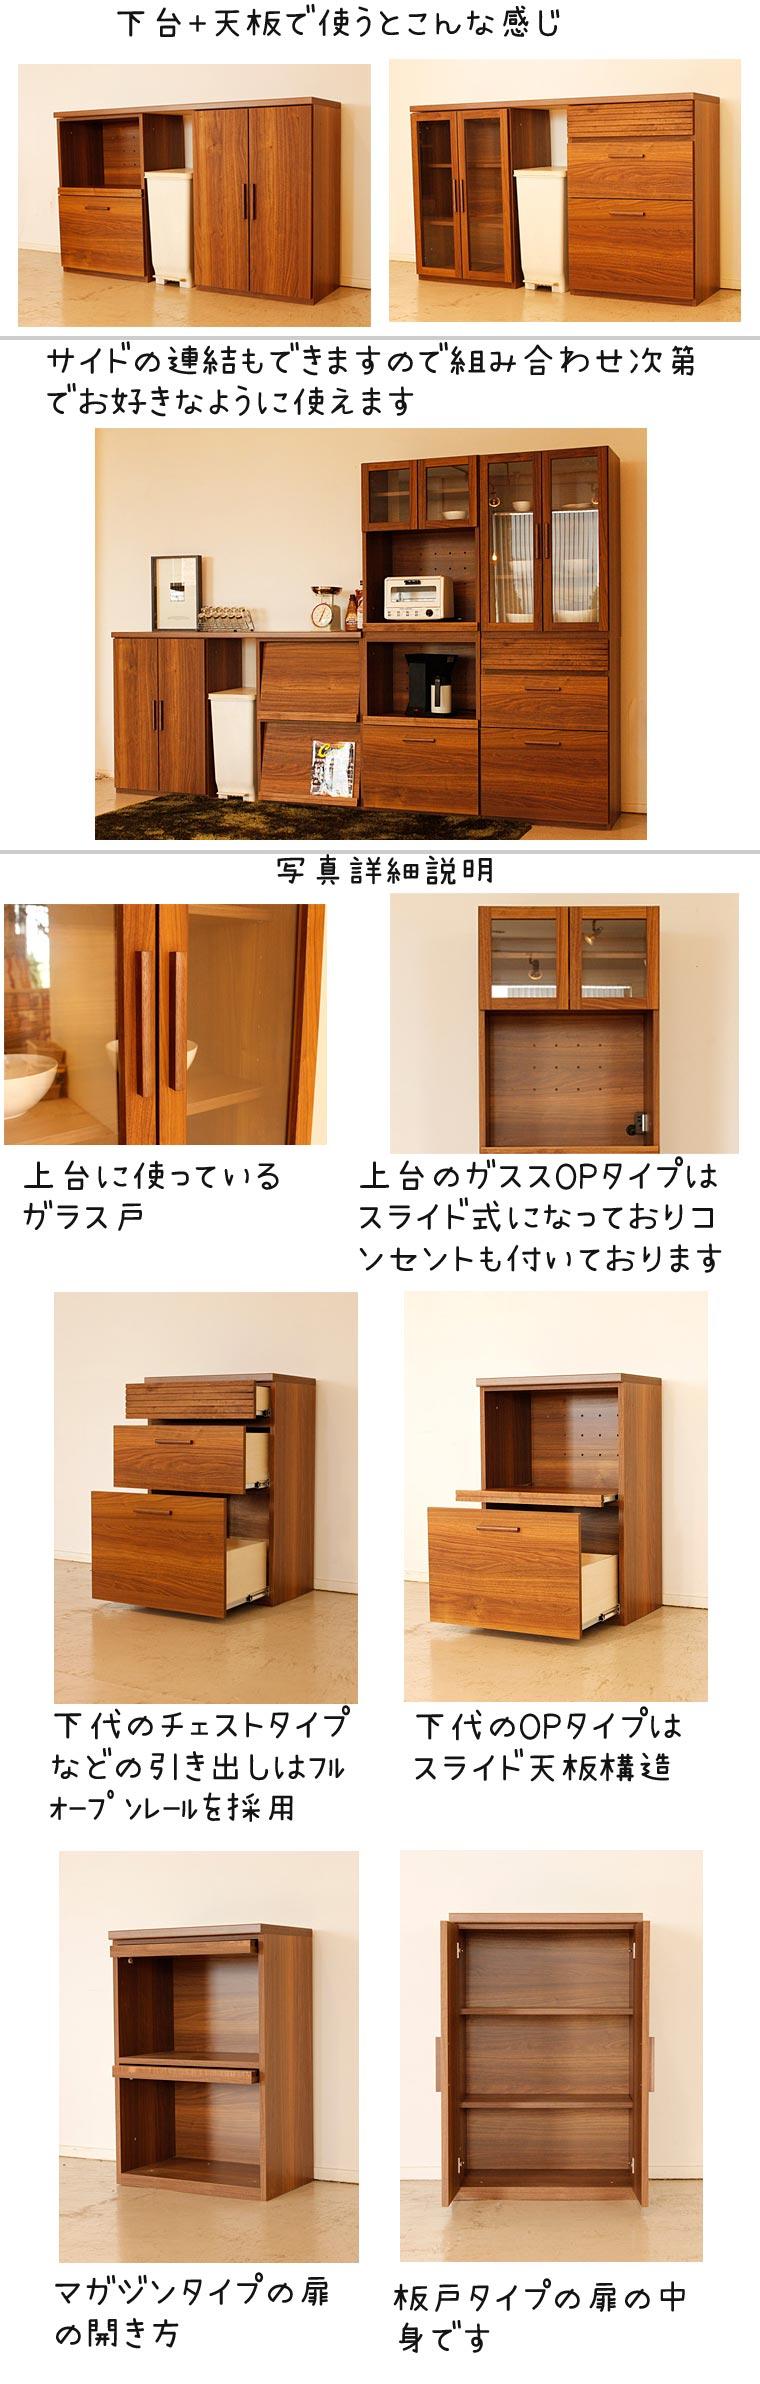 カウンター収納にも使える 組わせ出来る 小さい食器棚